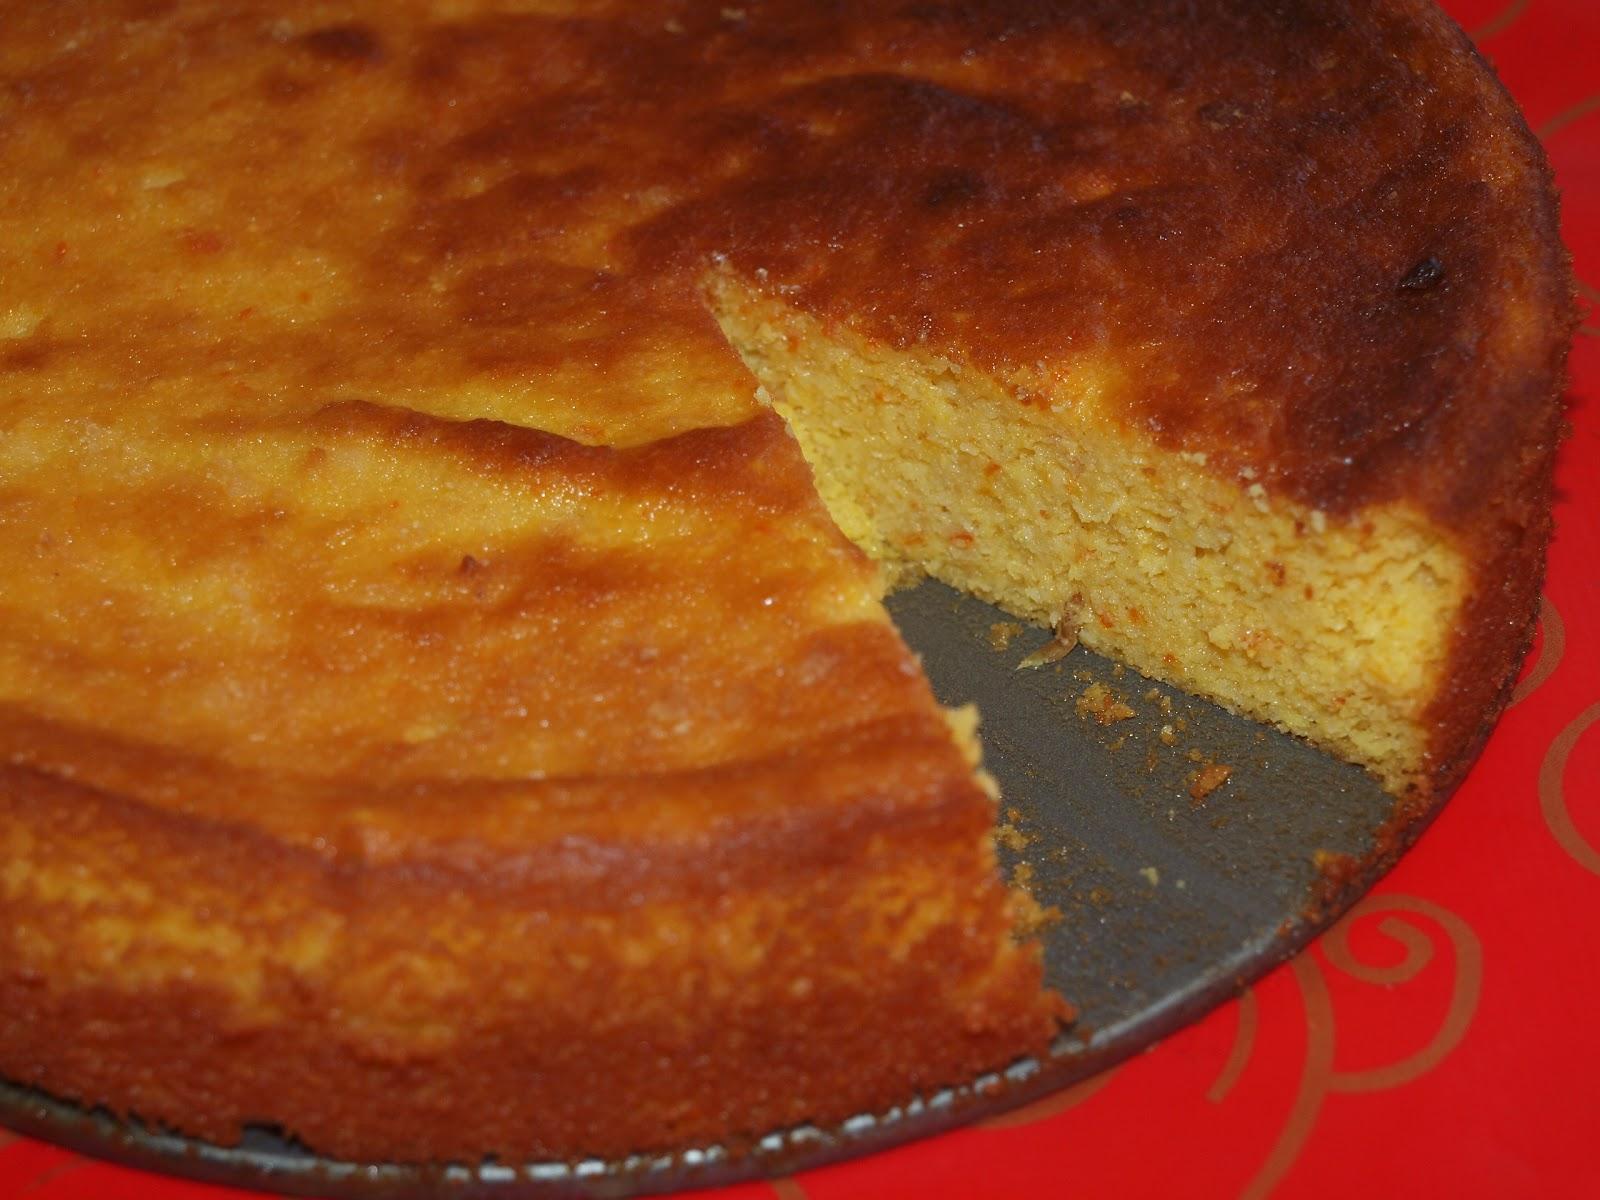 Cake Baking Gas Mark